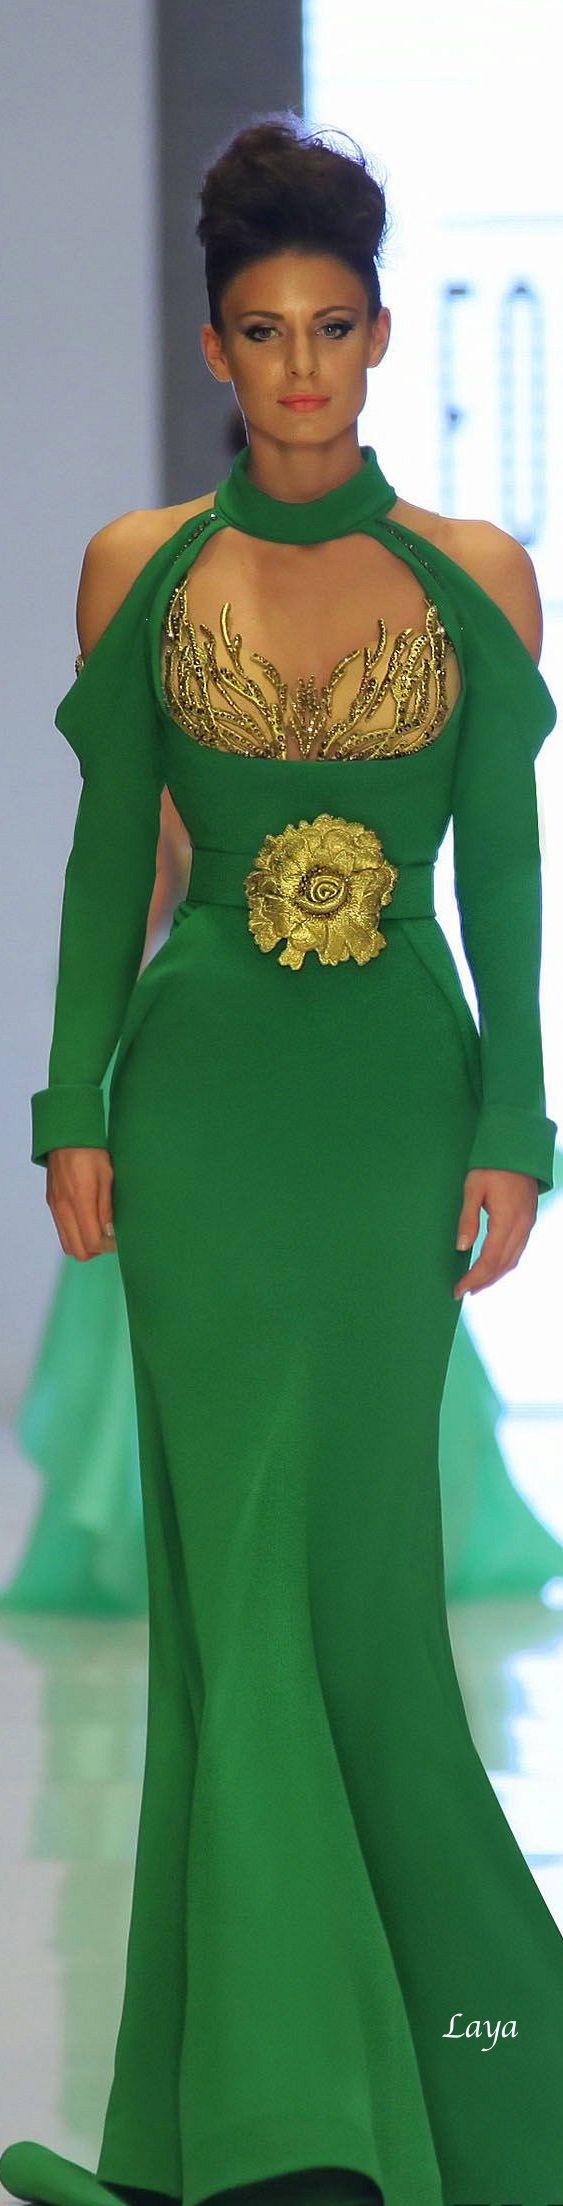 Une robe verte...